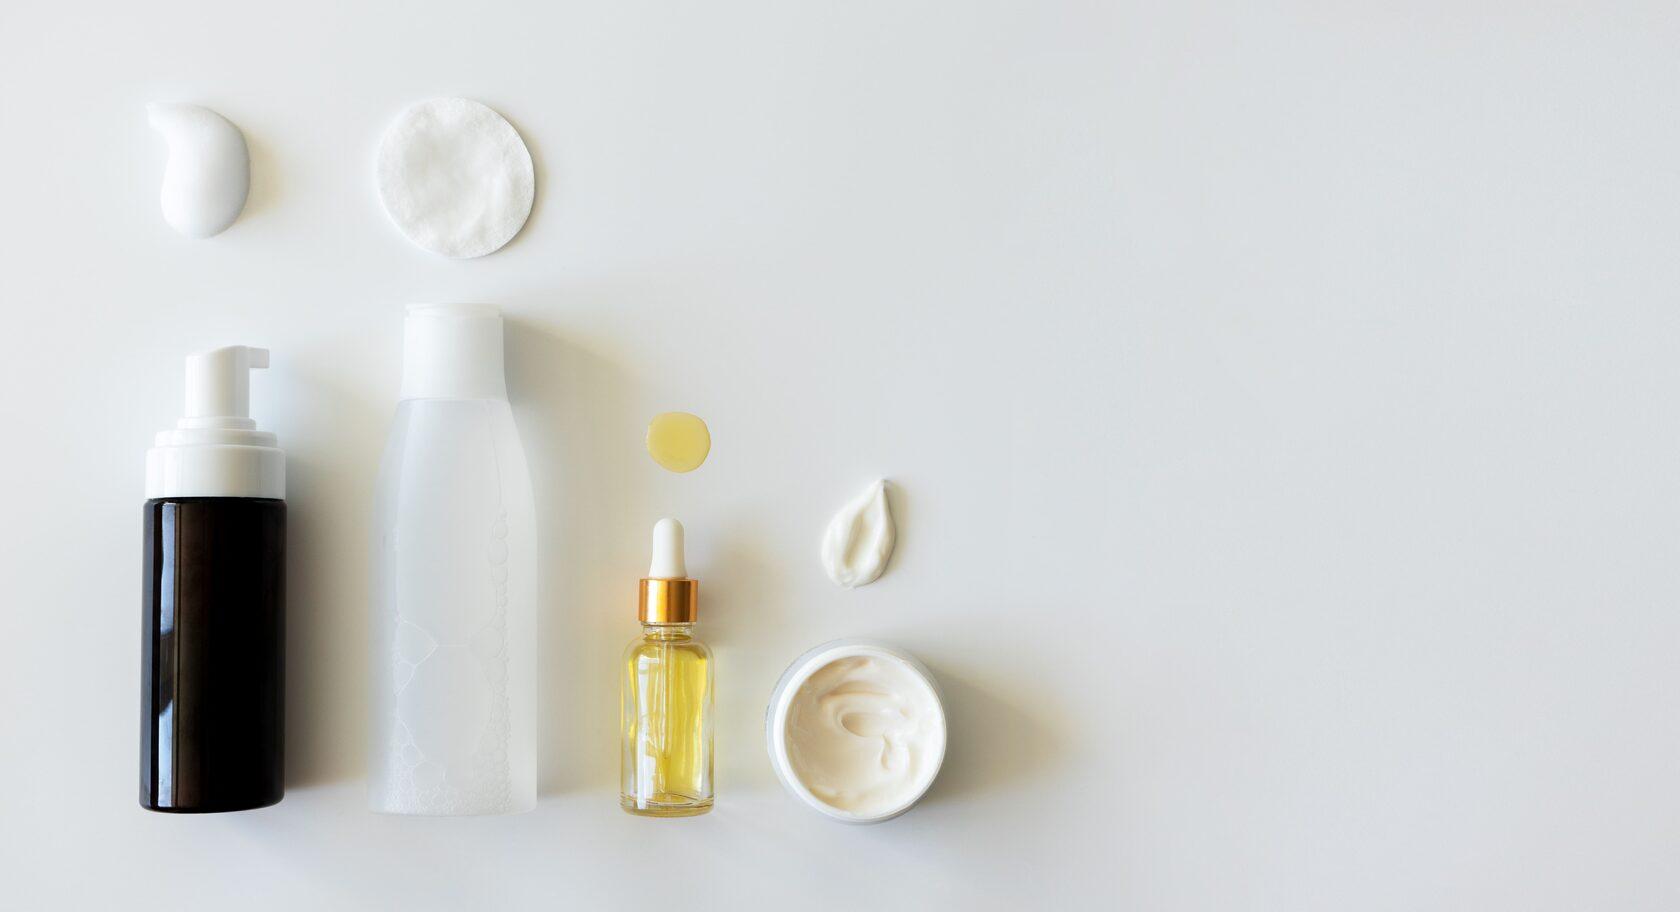 Как выбрать умывалку для лица: правила подбора для разных типов кожи